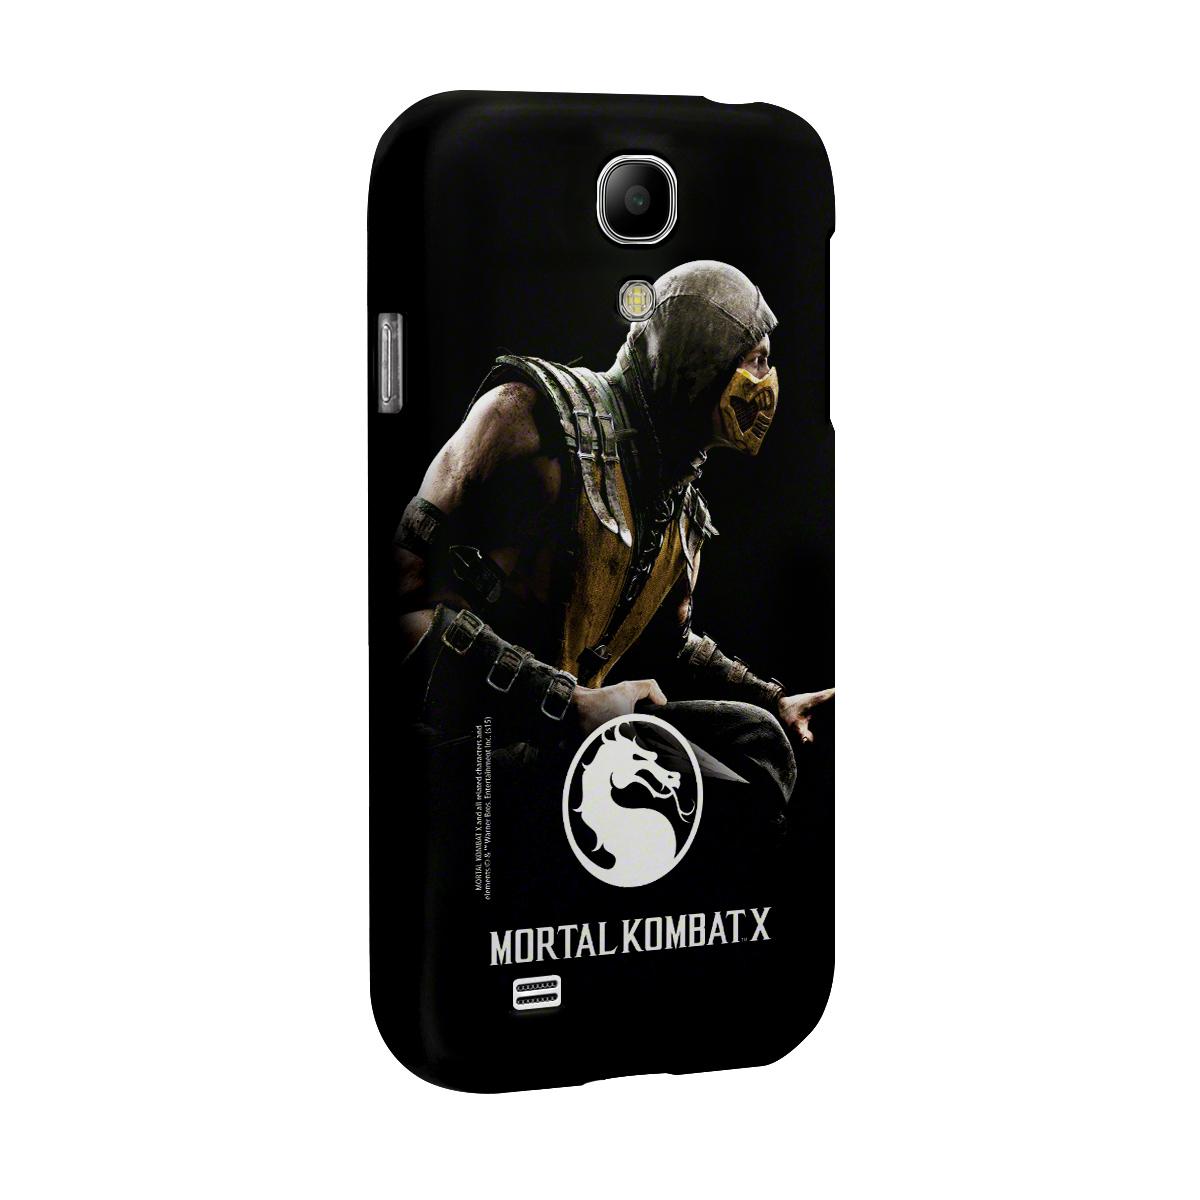 Capa para Samsung Galaxy S4 Mortal Kombat X Capa  - bandUP Store Marketplace